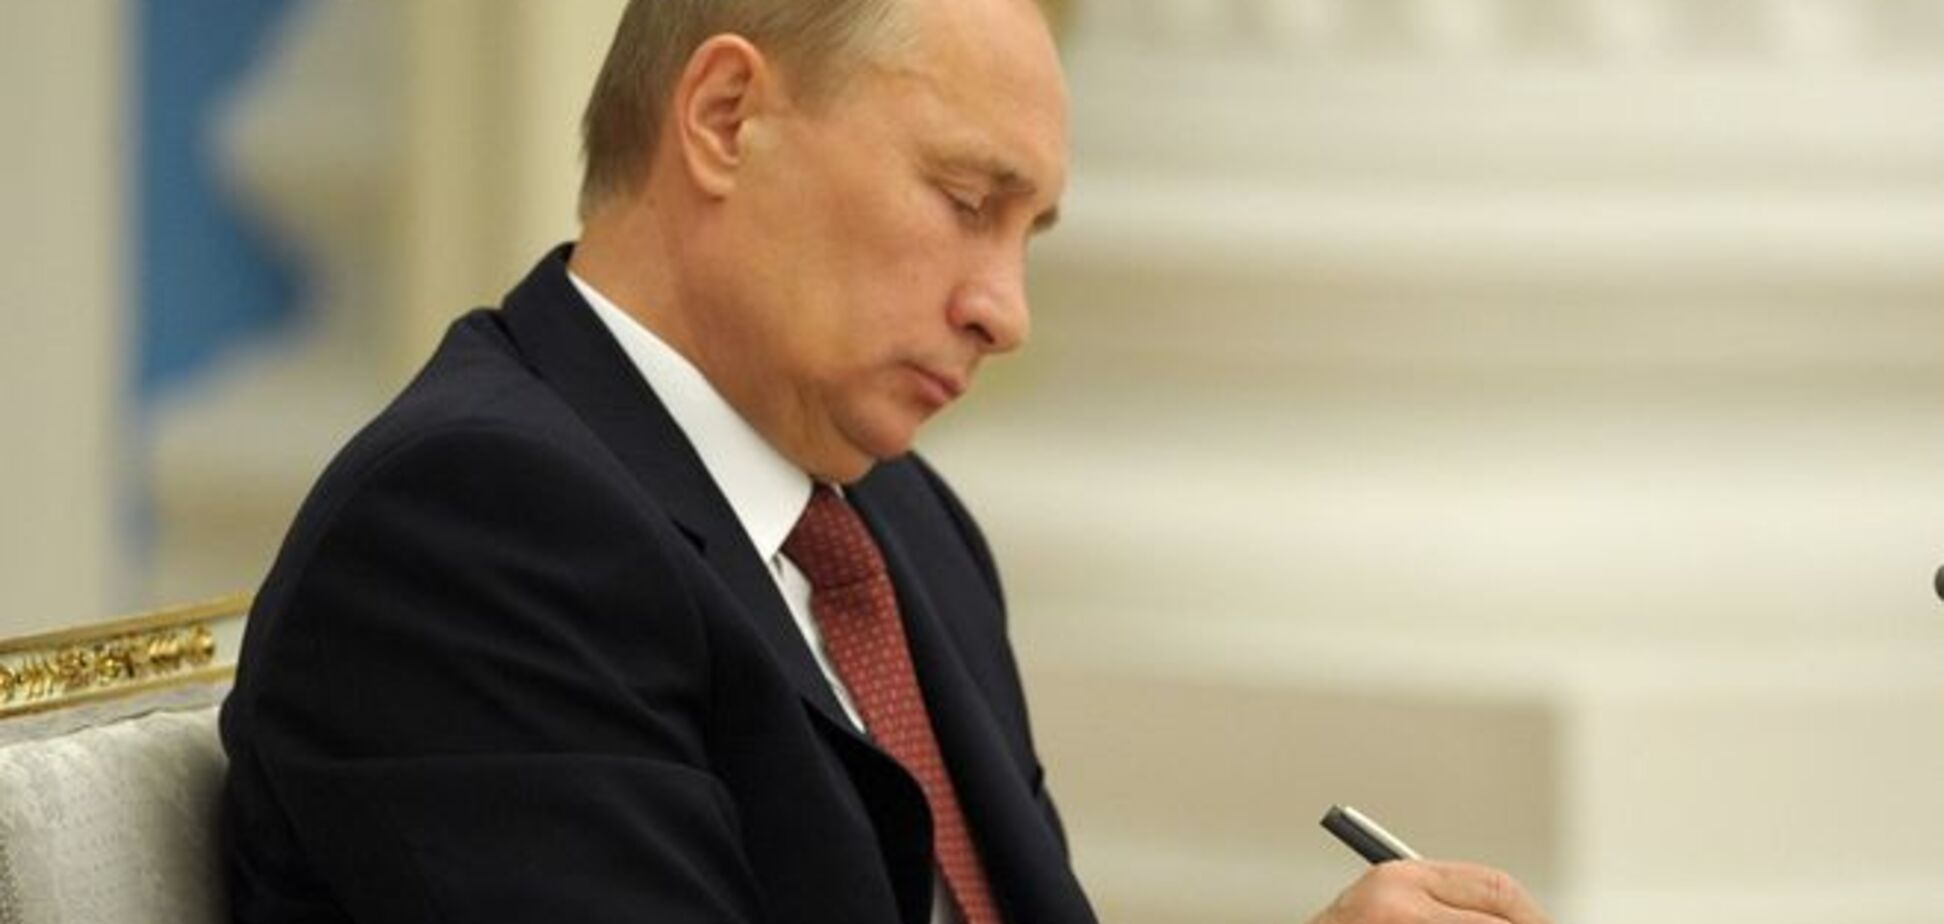 ЕС раскритиковал Путина за закон о 'нежелательных' организациях